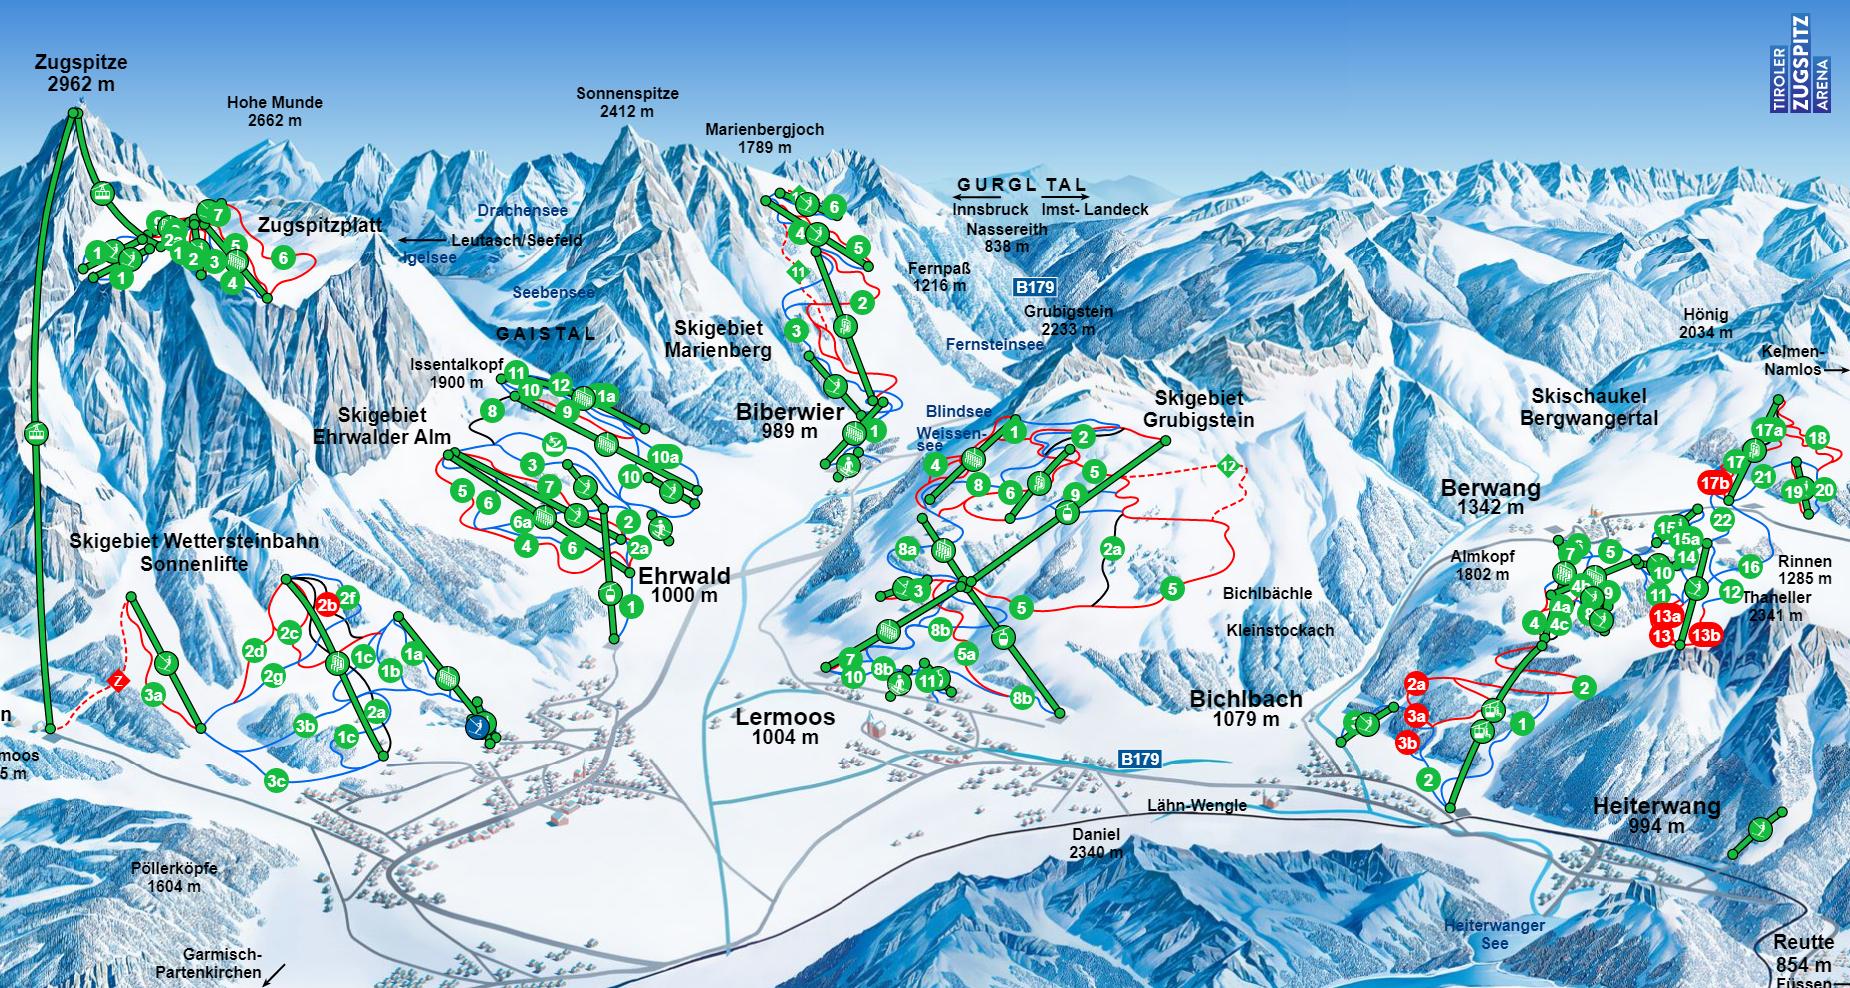 Austria Attew Painting Landscape art kunst ski skifahren skilaufen snowboard mountain berg alp Snow schnee vinter